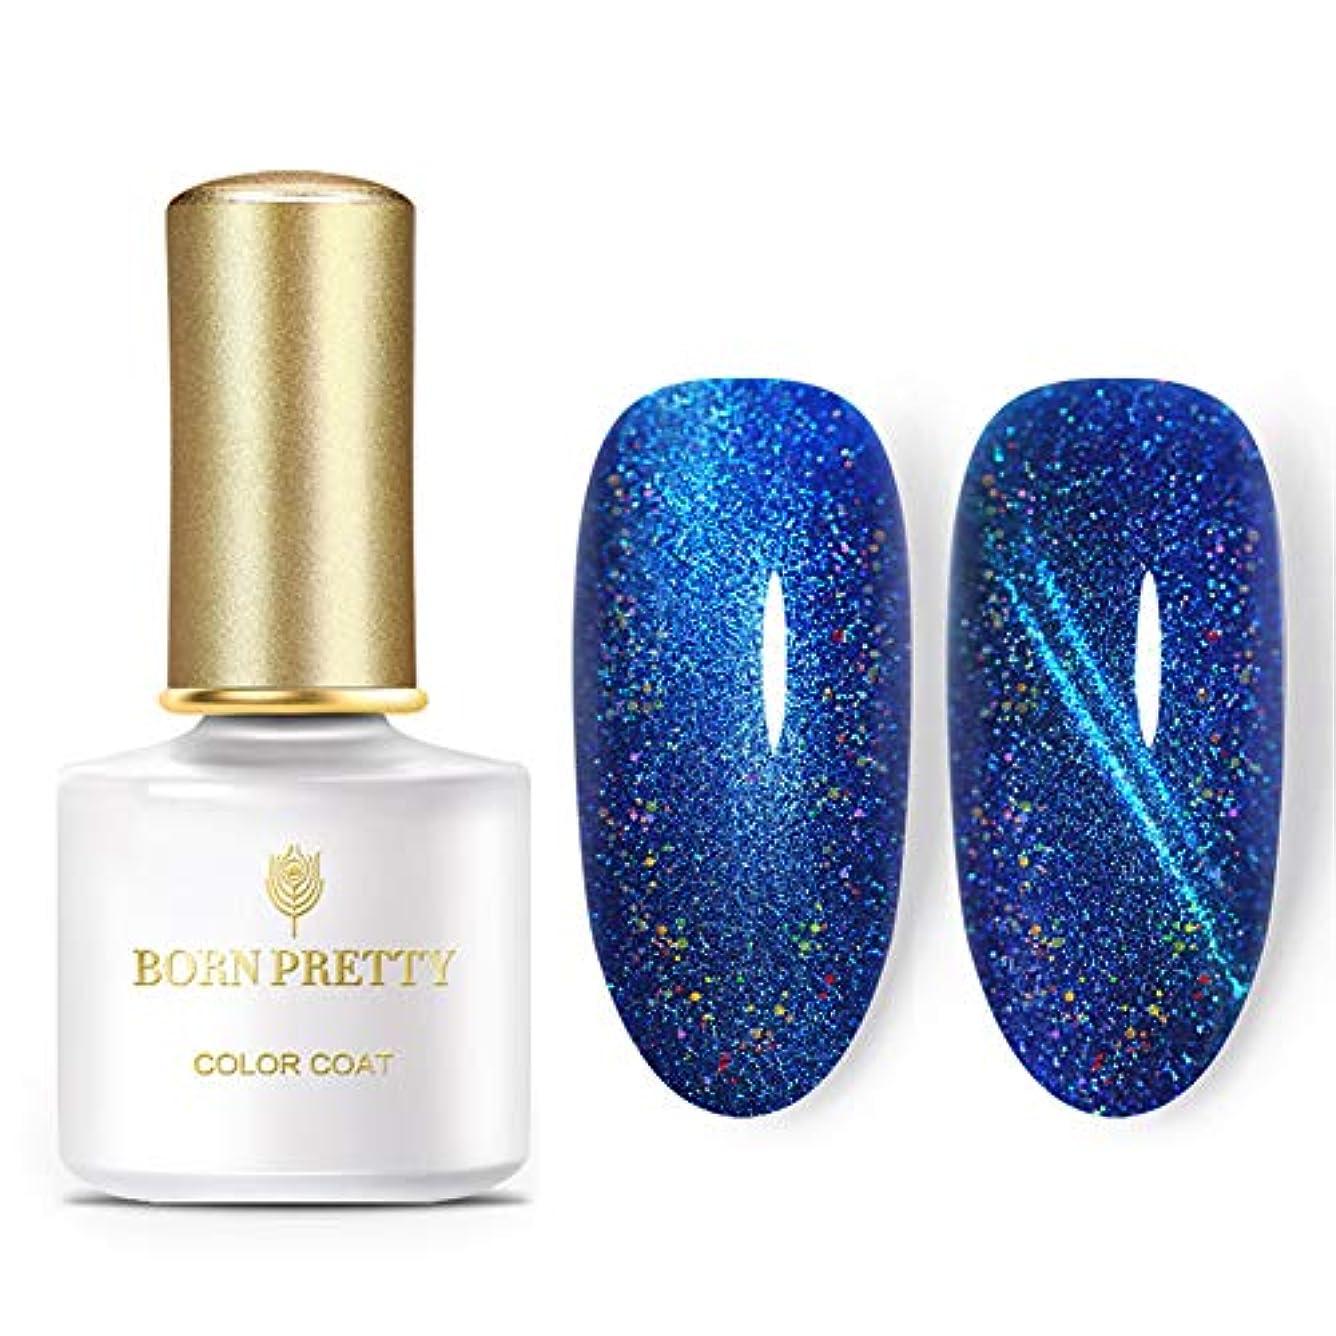 インチスノーケルアクセントBORN PRETTY ホロキャツアイジェルカラー 10色選択可 虹のような輝き マグネットで模様が入る UV/LED両対応 カラージェル 6ml [並行輸入品]